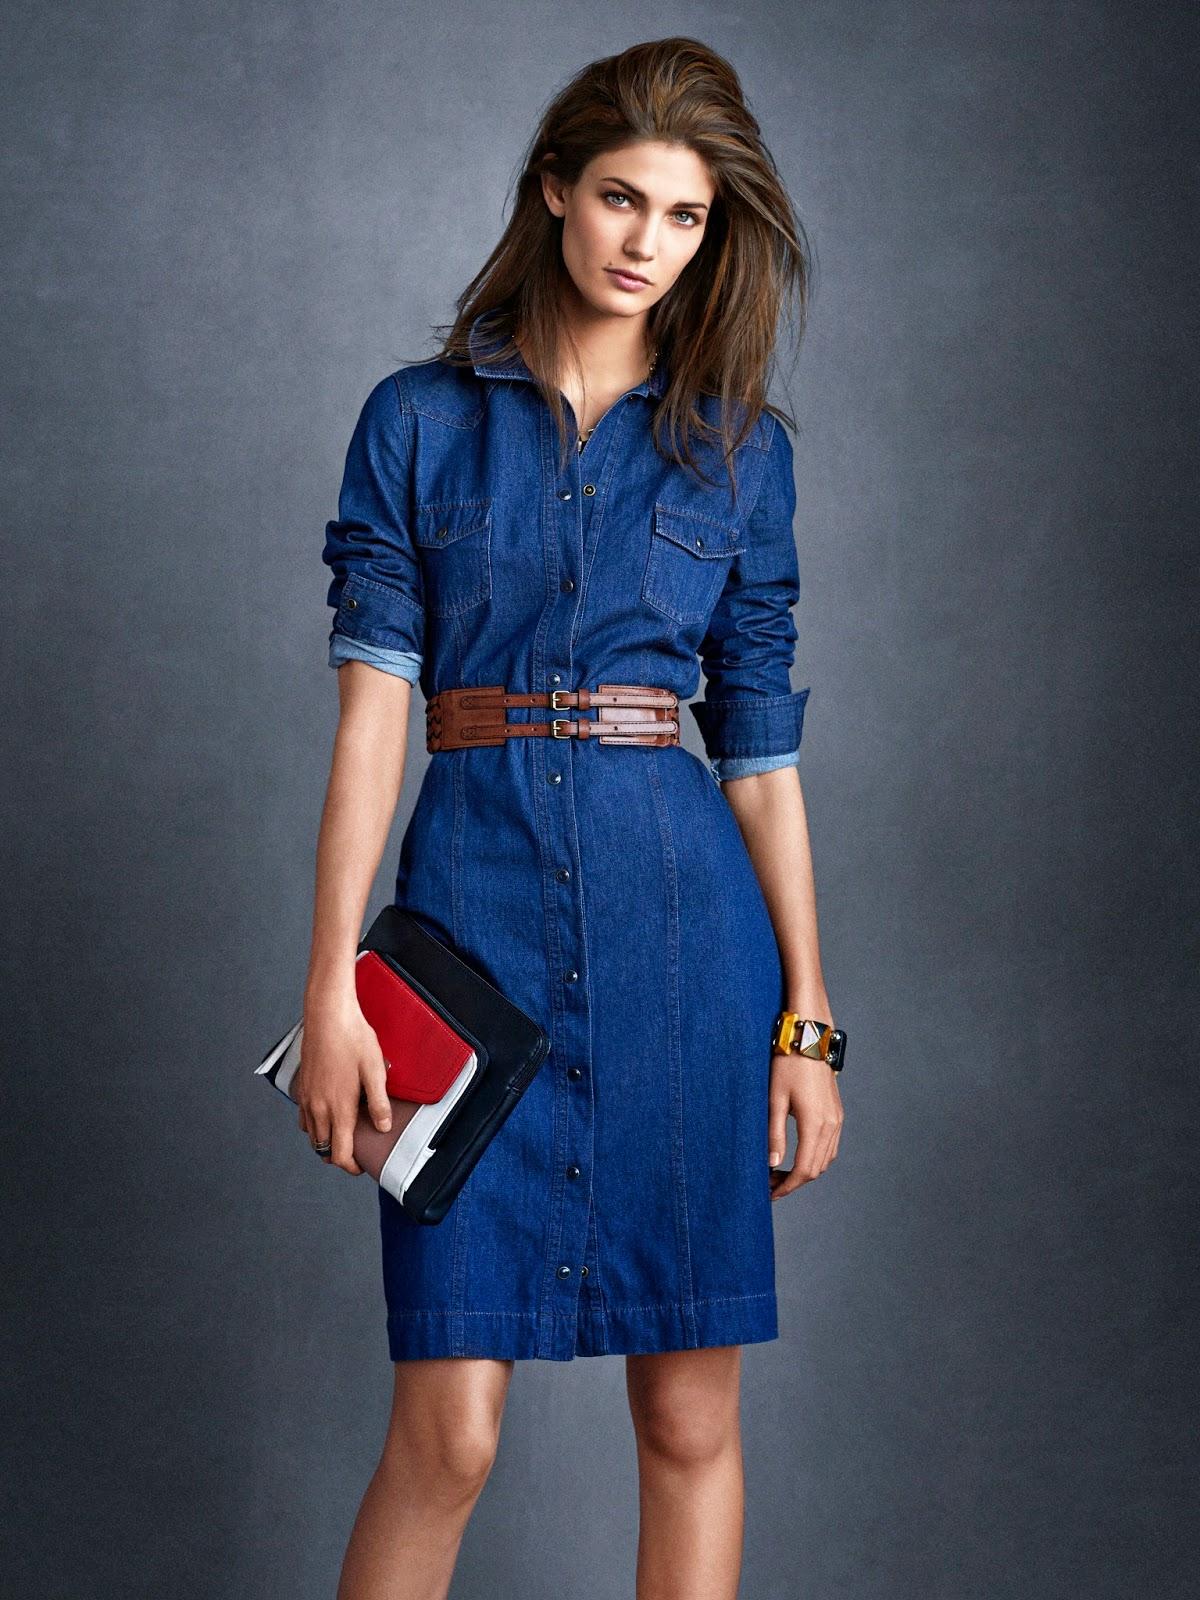 bf5efec930b Модные джинсовые платья на фото для вас